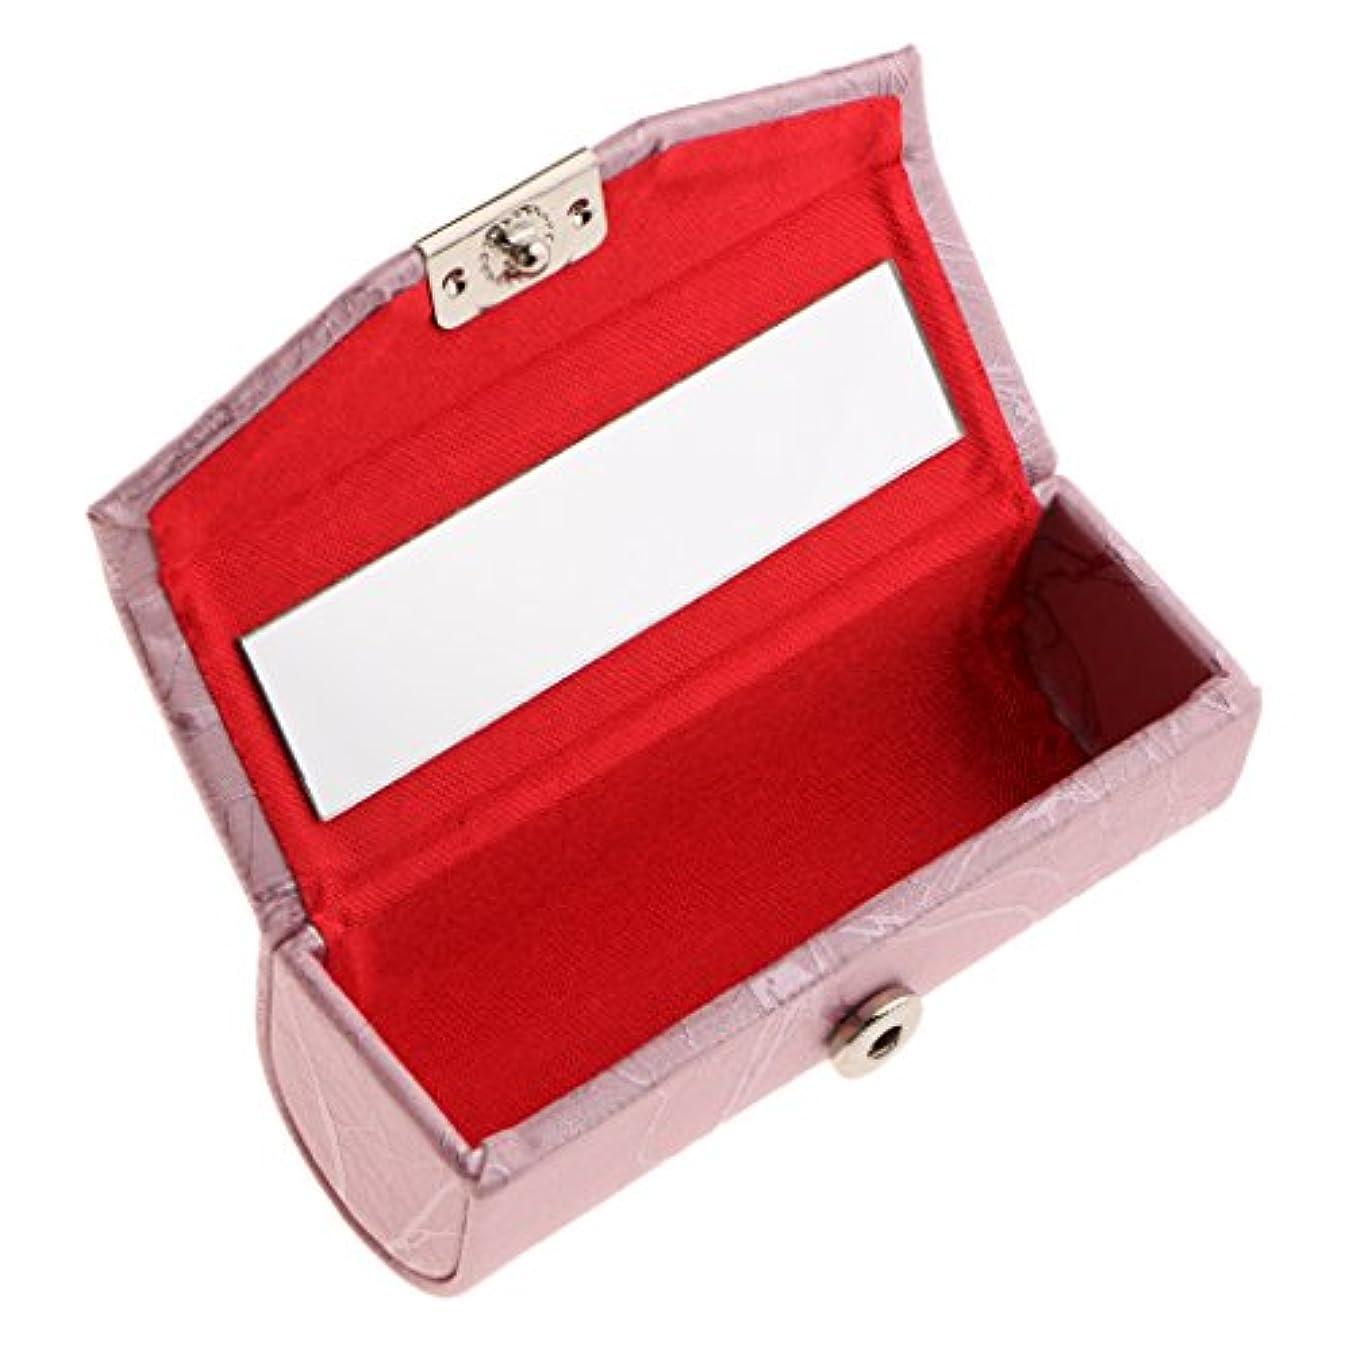 親指半導体動機Blesiya リップスティックケース ミラー付き レザー リップスティック リップグロスケース 収納ボックス メイクホルダー 多色選べる - ピンク